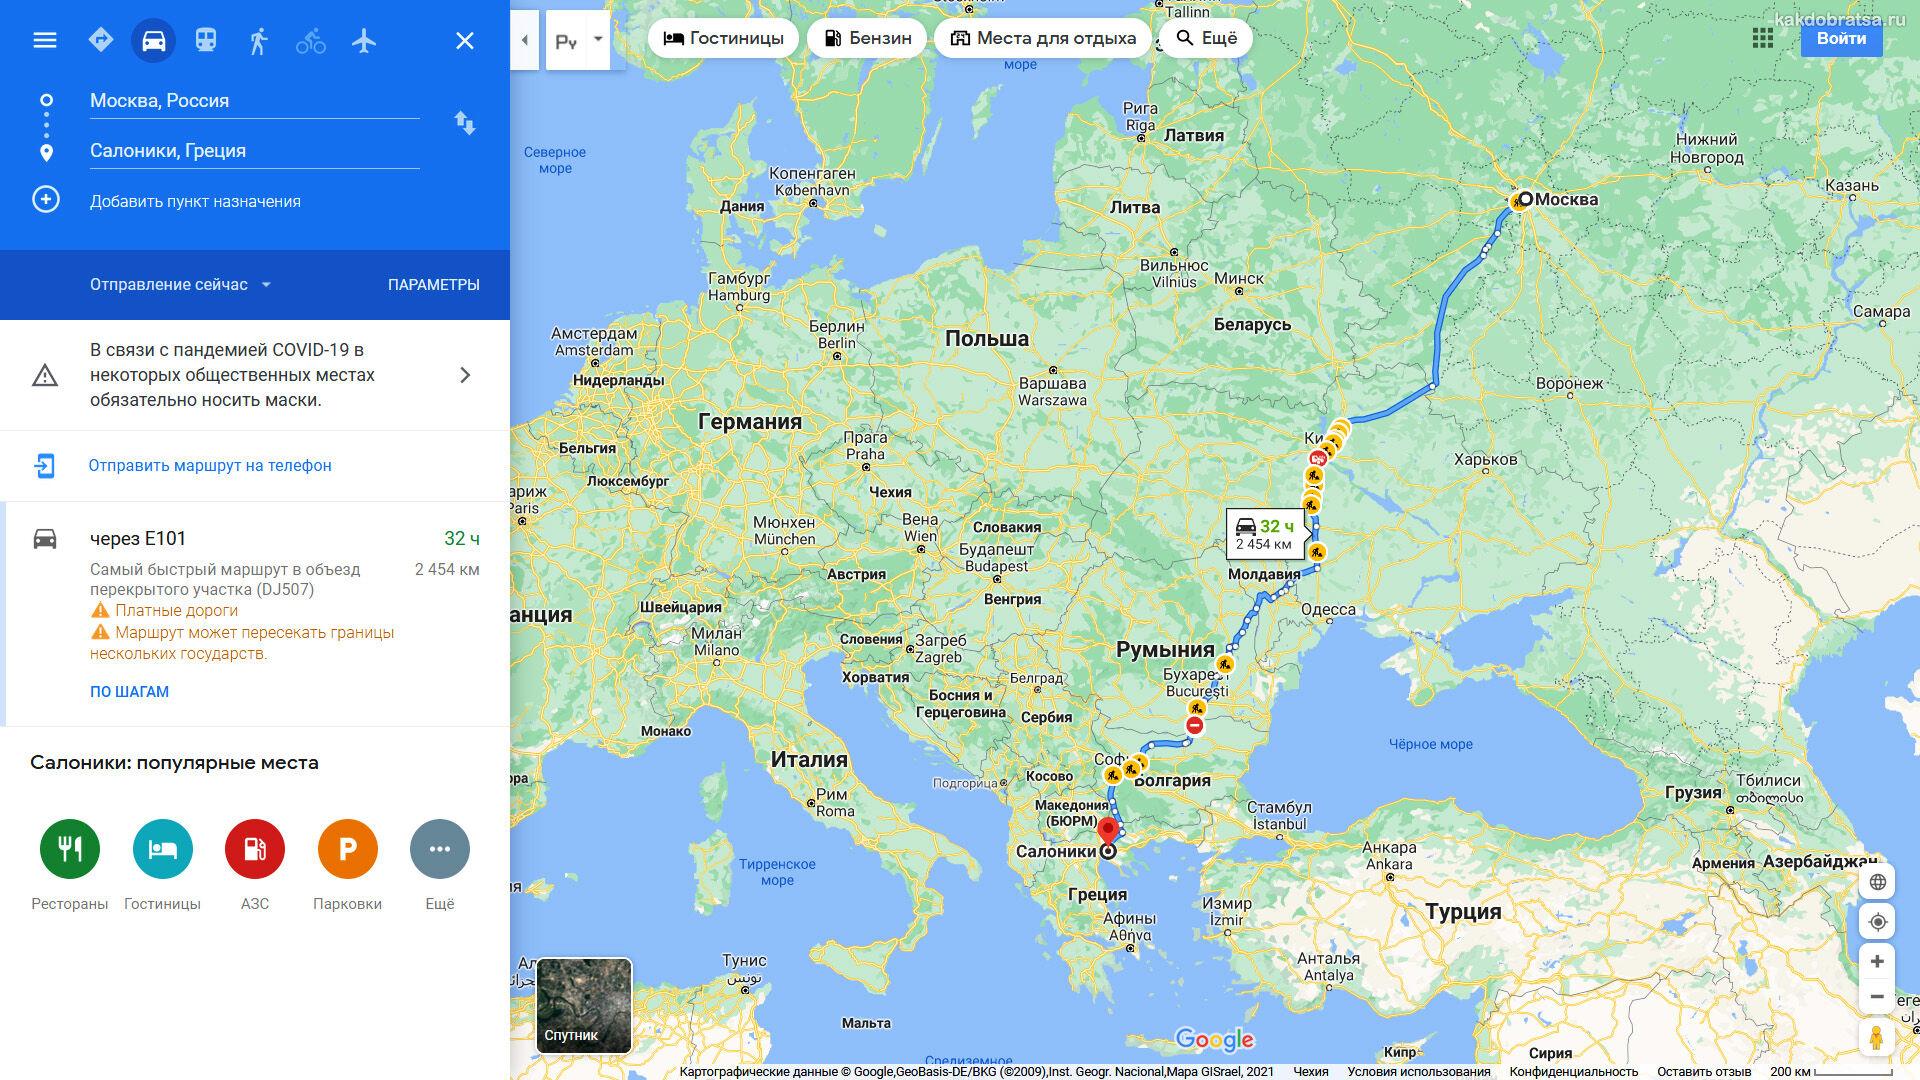 Как добраться из Москвы в Салоники - карта